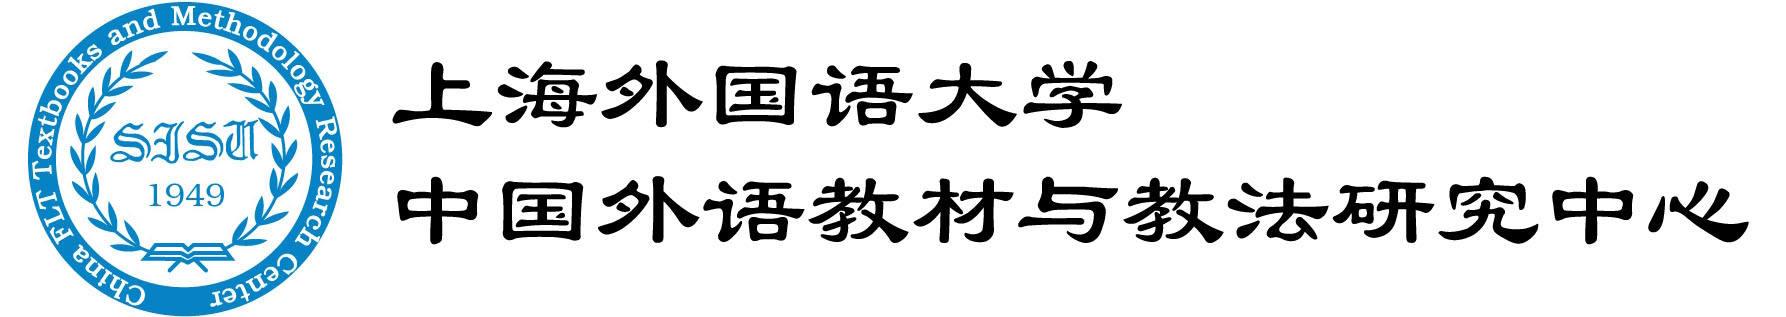 图文LOGO(大).jpg